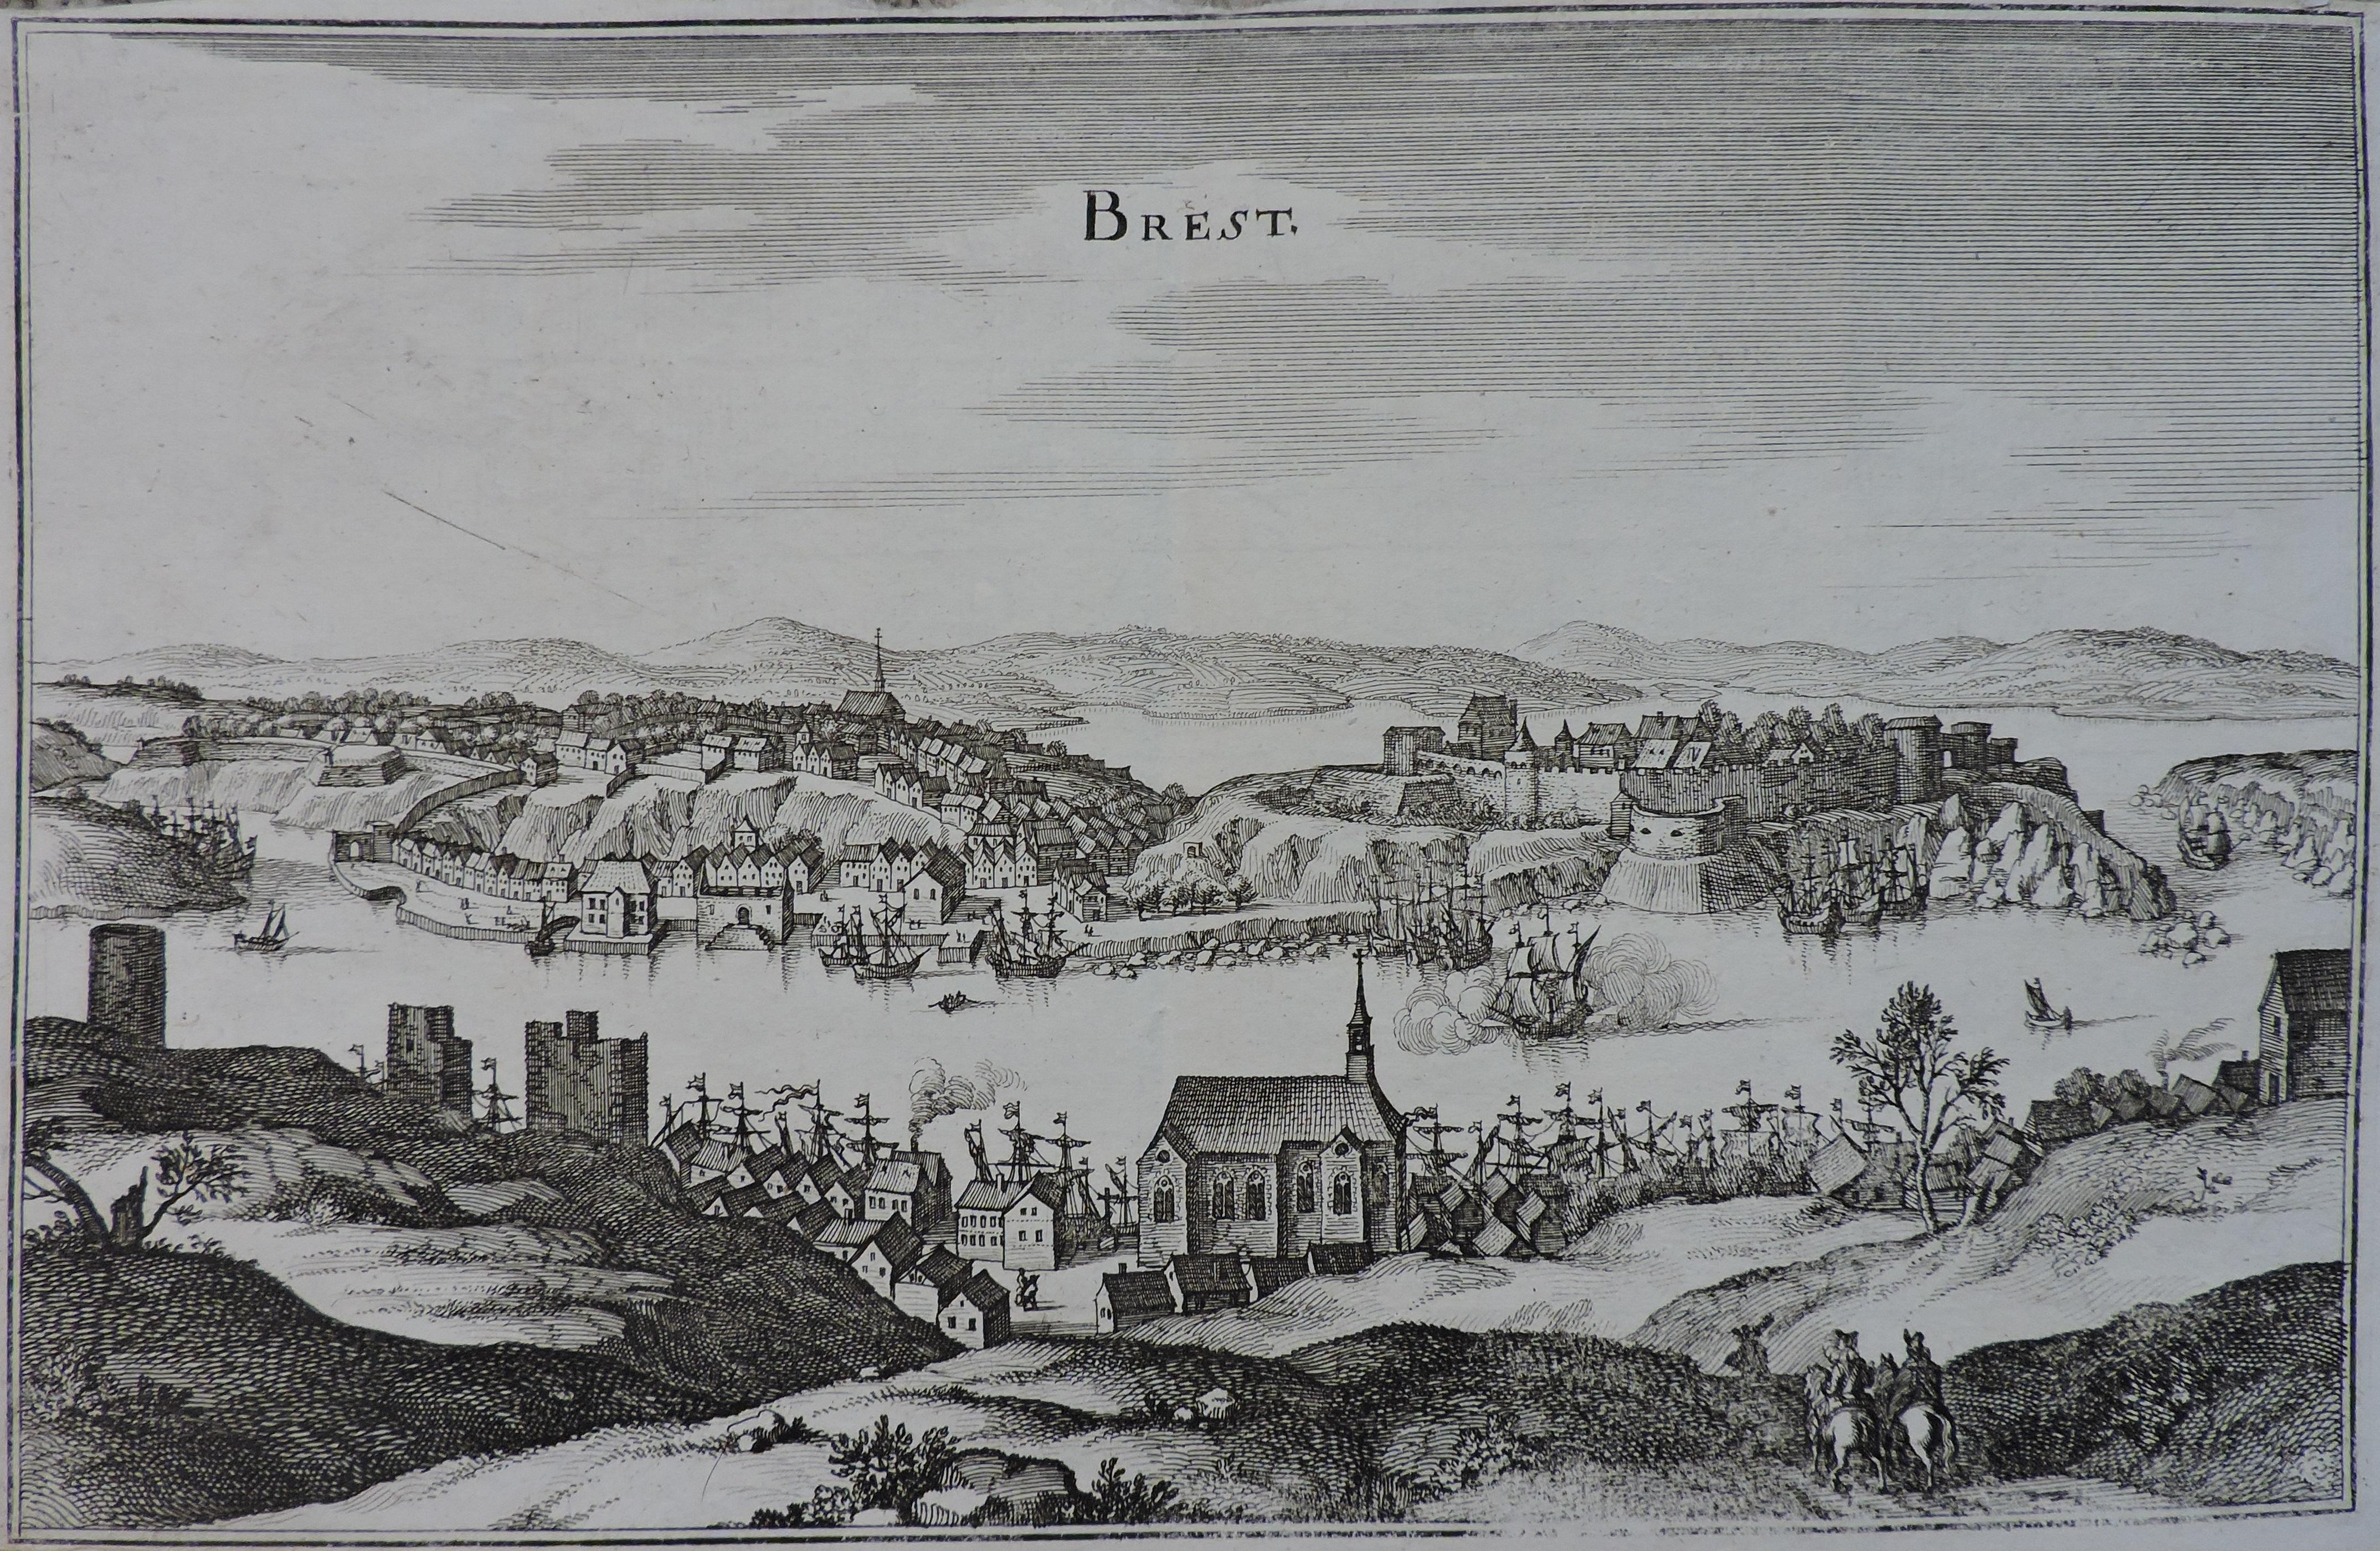 Brest – Bretagne